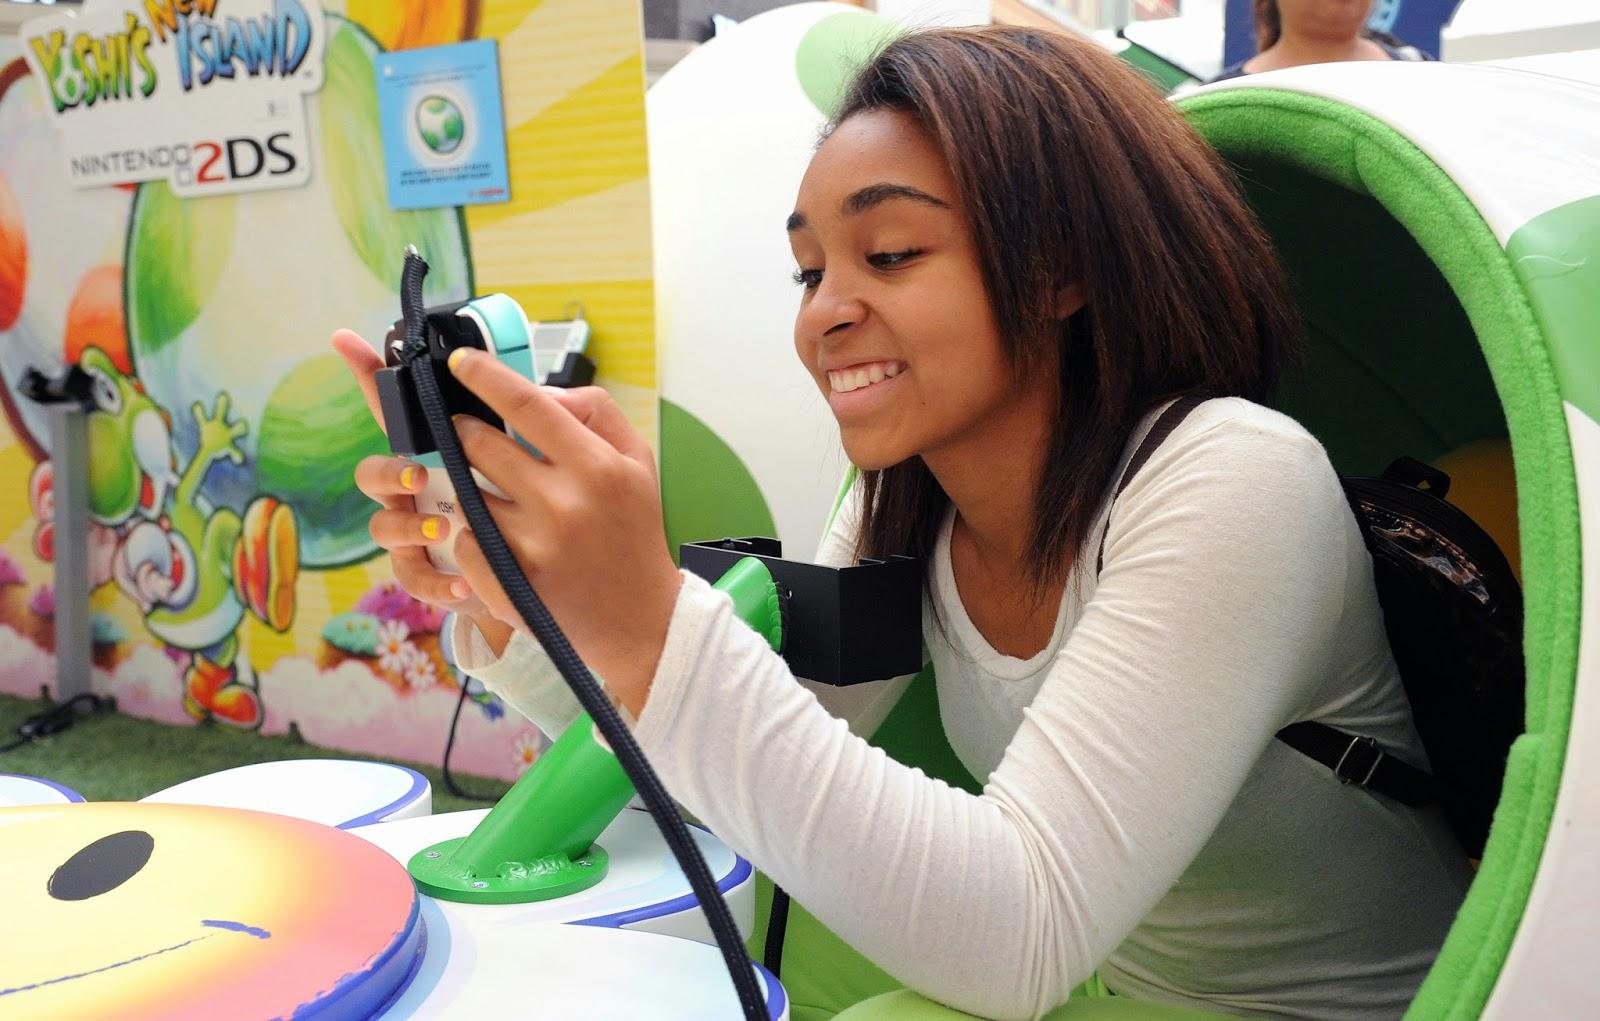 Play Nintendo Kids Event Mall of Georgia August 15-17 via www.Productreviewmom.com